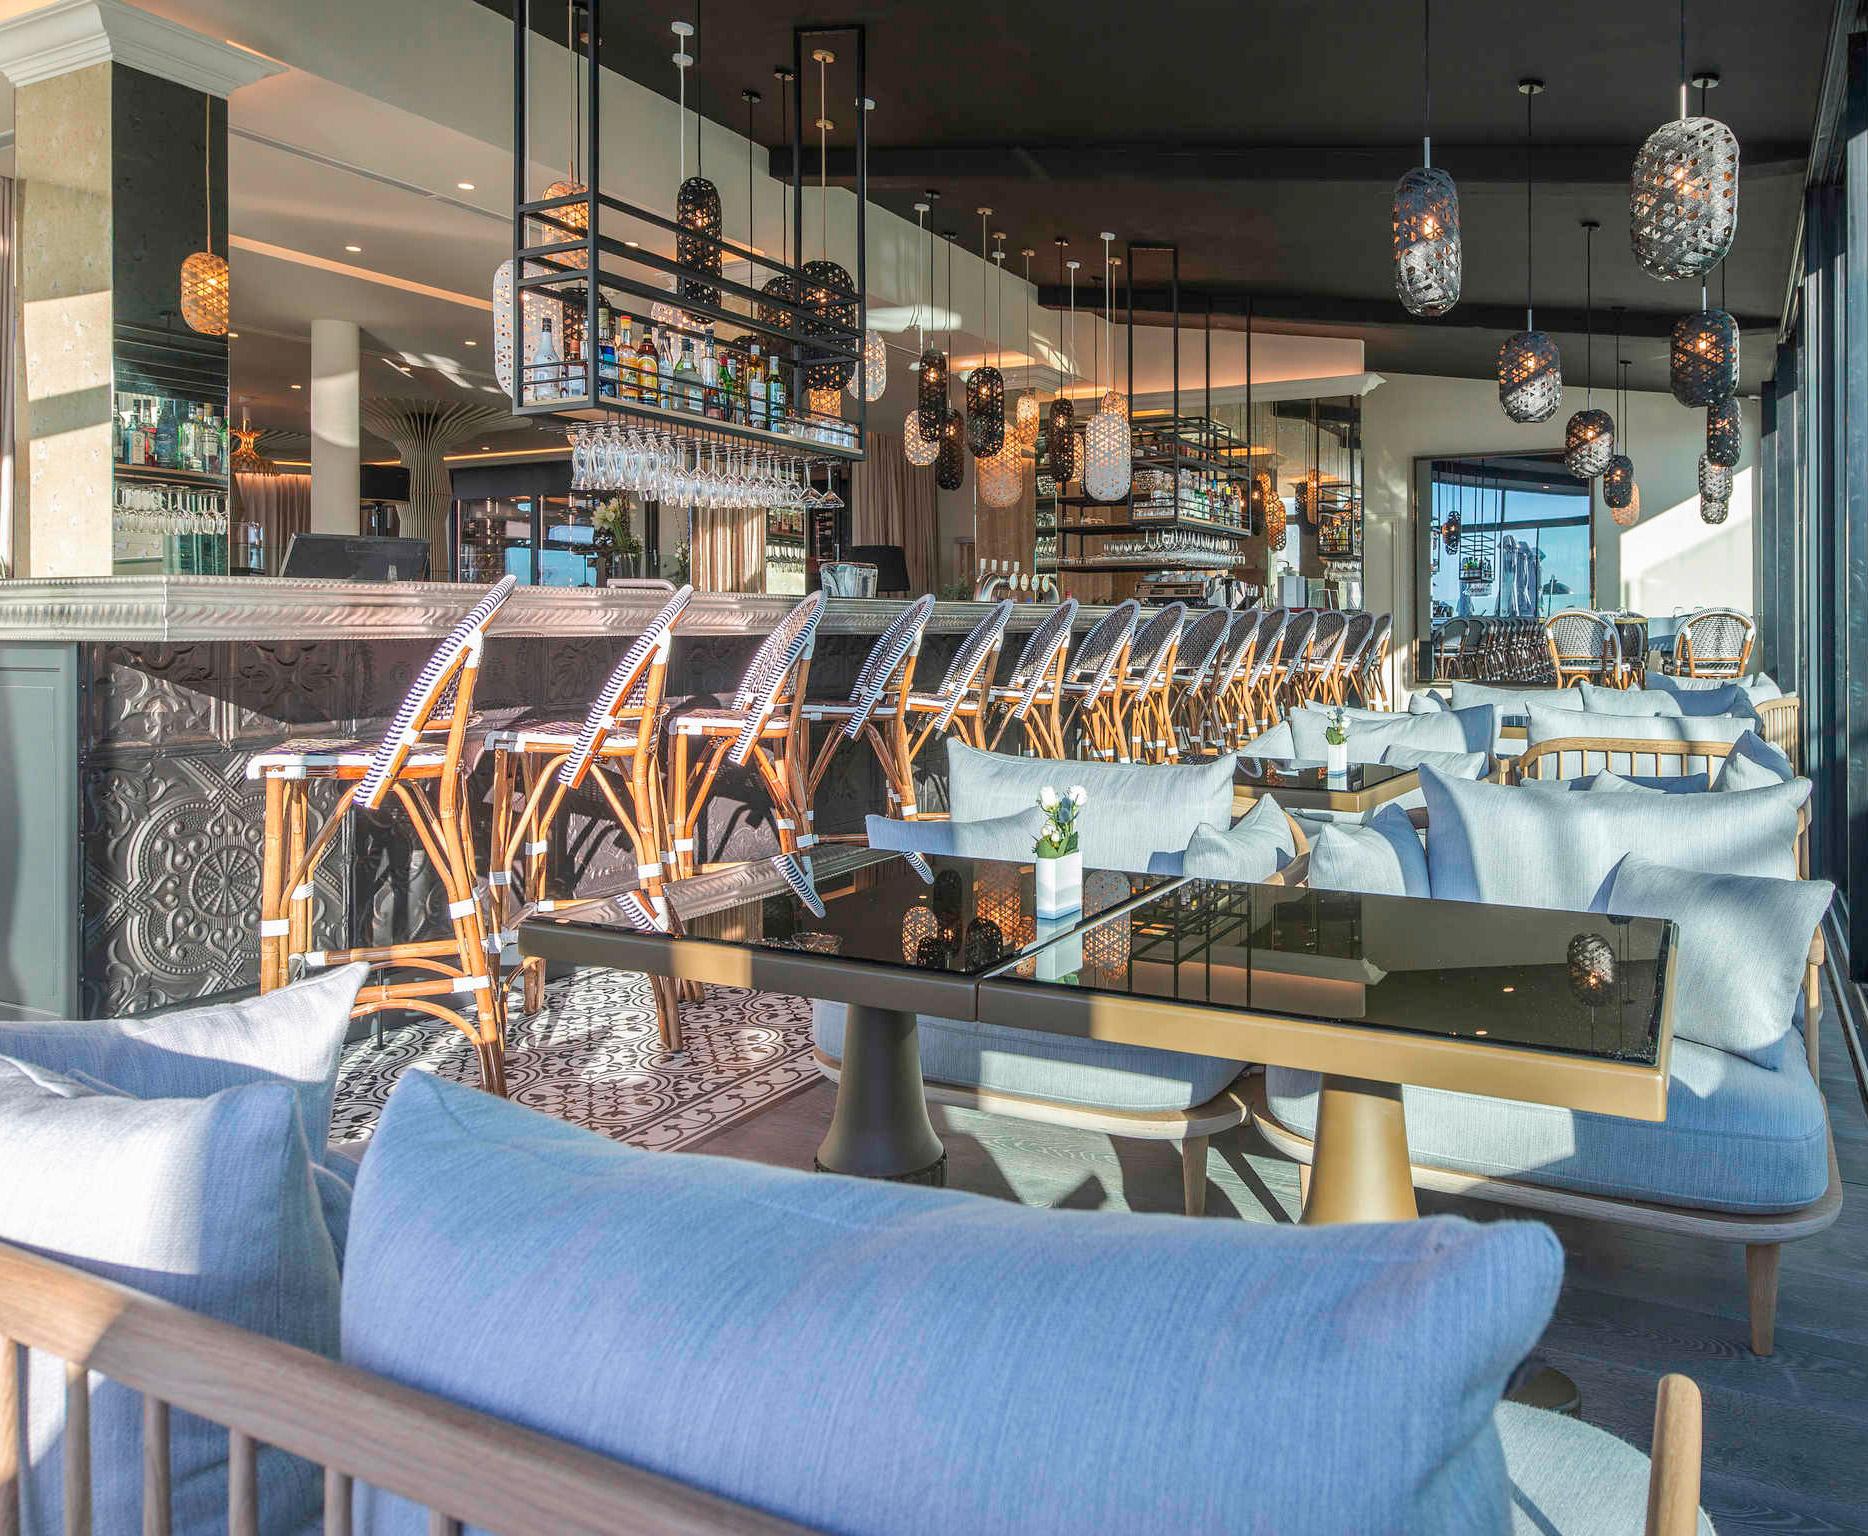 Aménagement, agencement et décoration de l'espace bar du restaurant Gaya par Option d'Intérieur